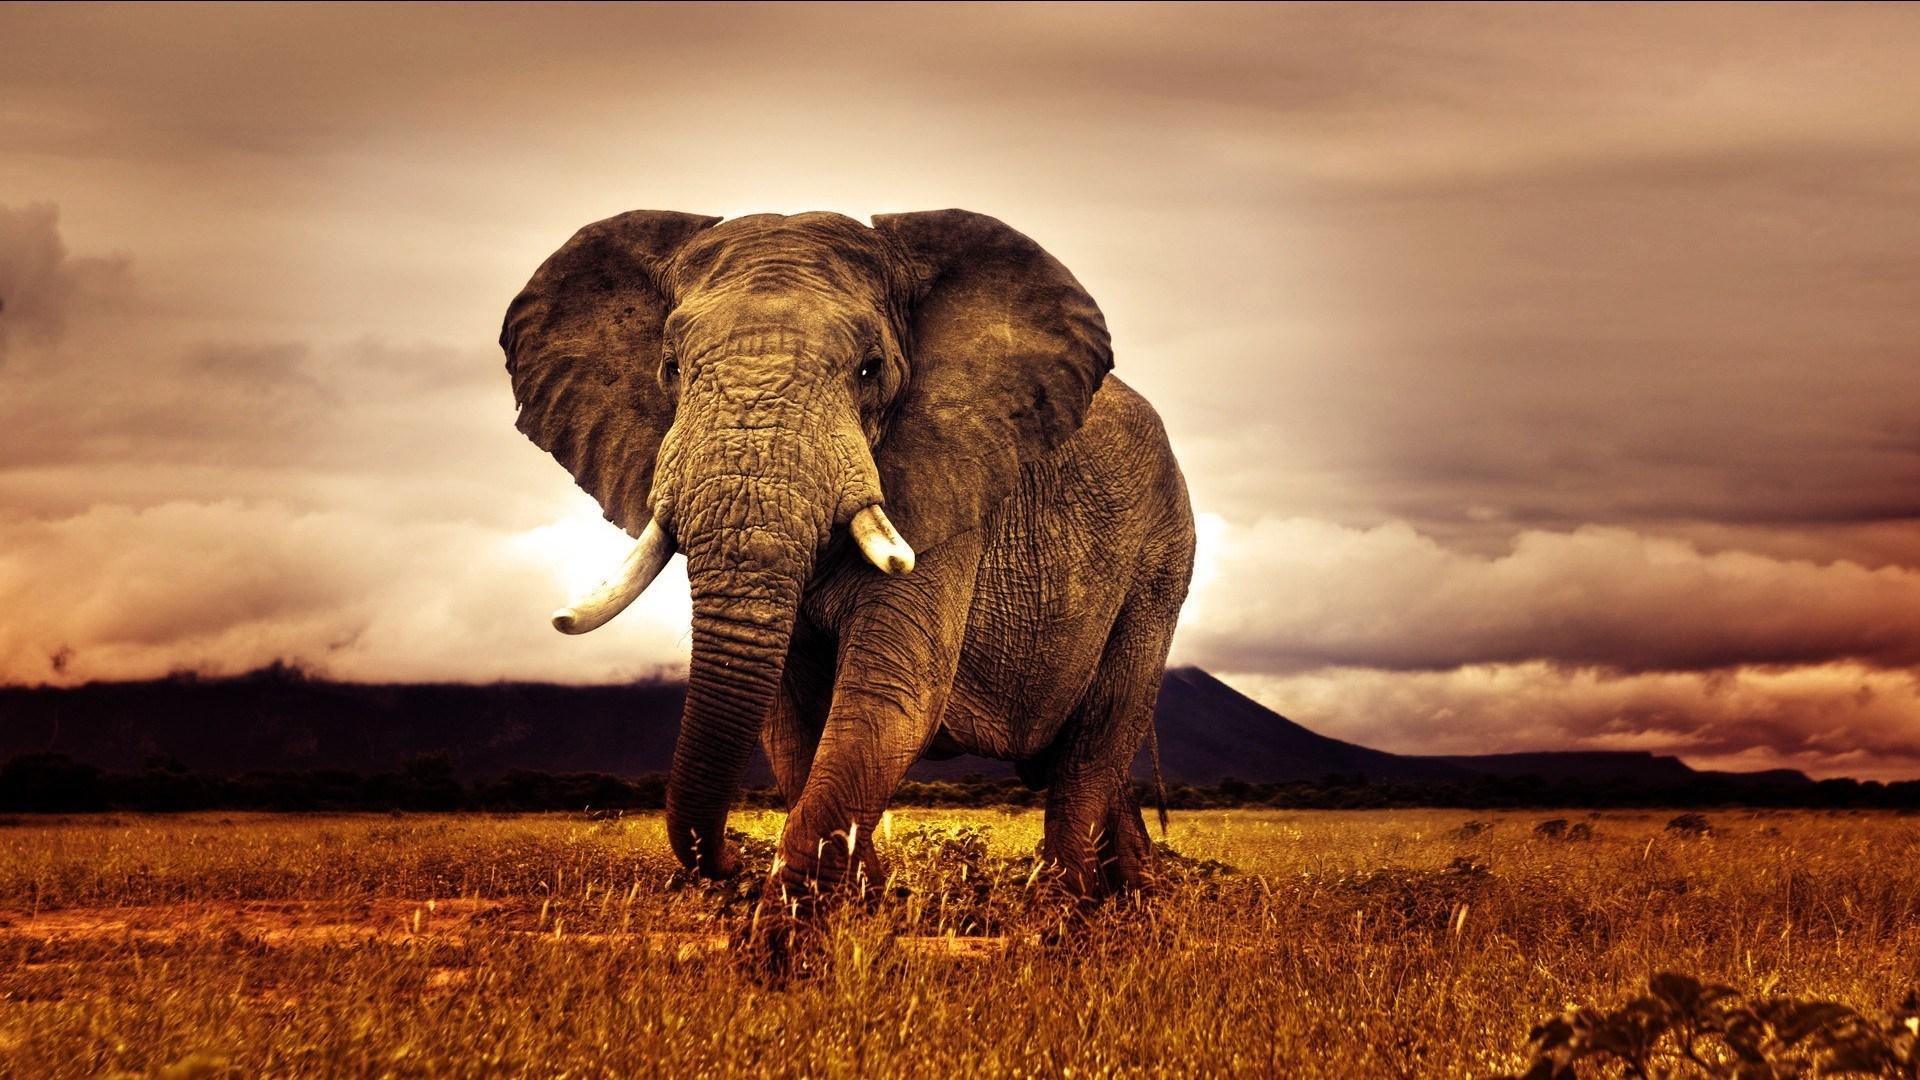 Big Elephant Africa Nature Photo